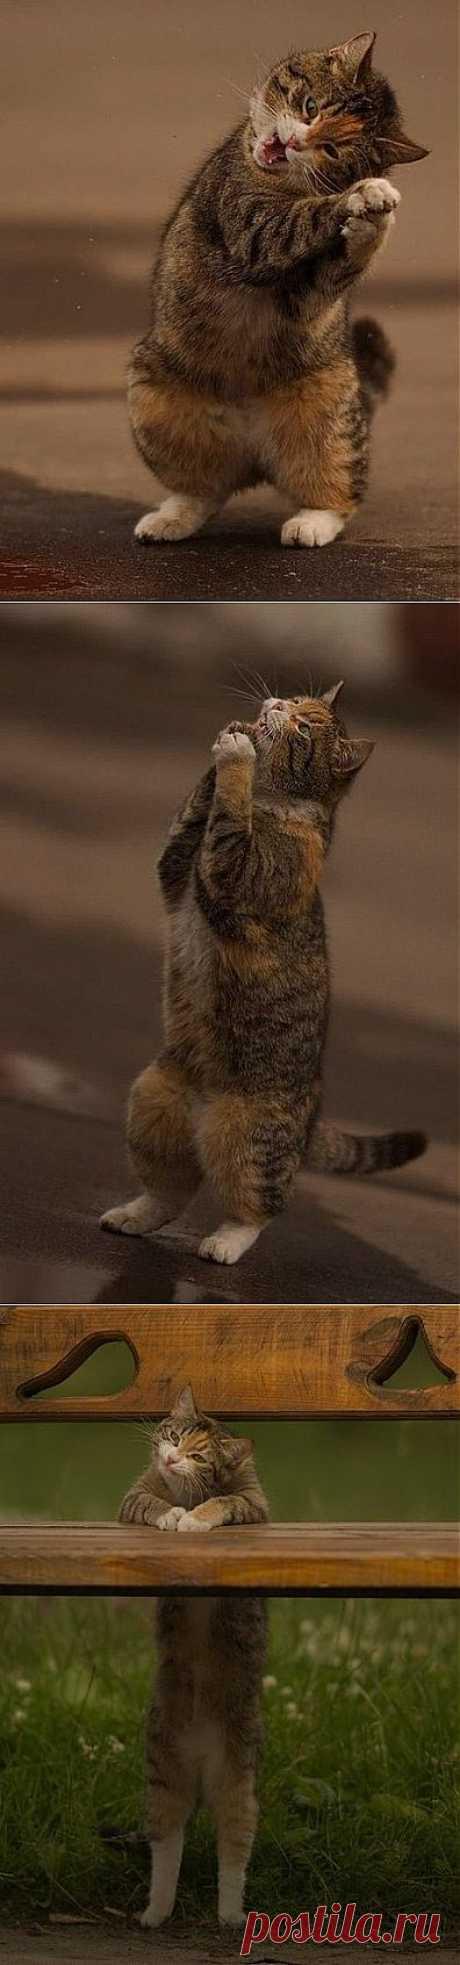 Очень радостный кот. Этот кот был замечен в марте, когда только-только солнышко пробилось наконец сквозь неприветливые тучи. Фотограф просто не мог пройти мимо этого затейника, который то вставал на задние лапы, то подпрыгивал, то играл сам с собой. Видимо, кот (или это была кошка?) очень уж радовался солнцу и теплой погоде.